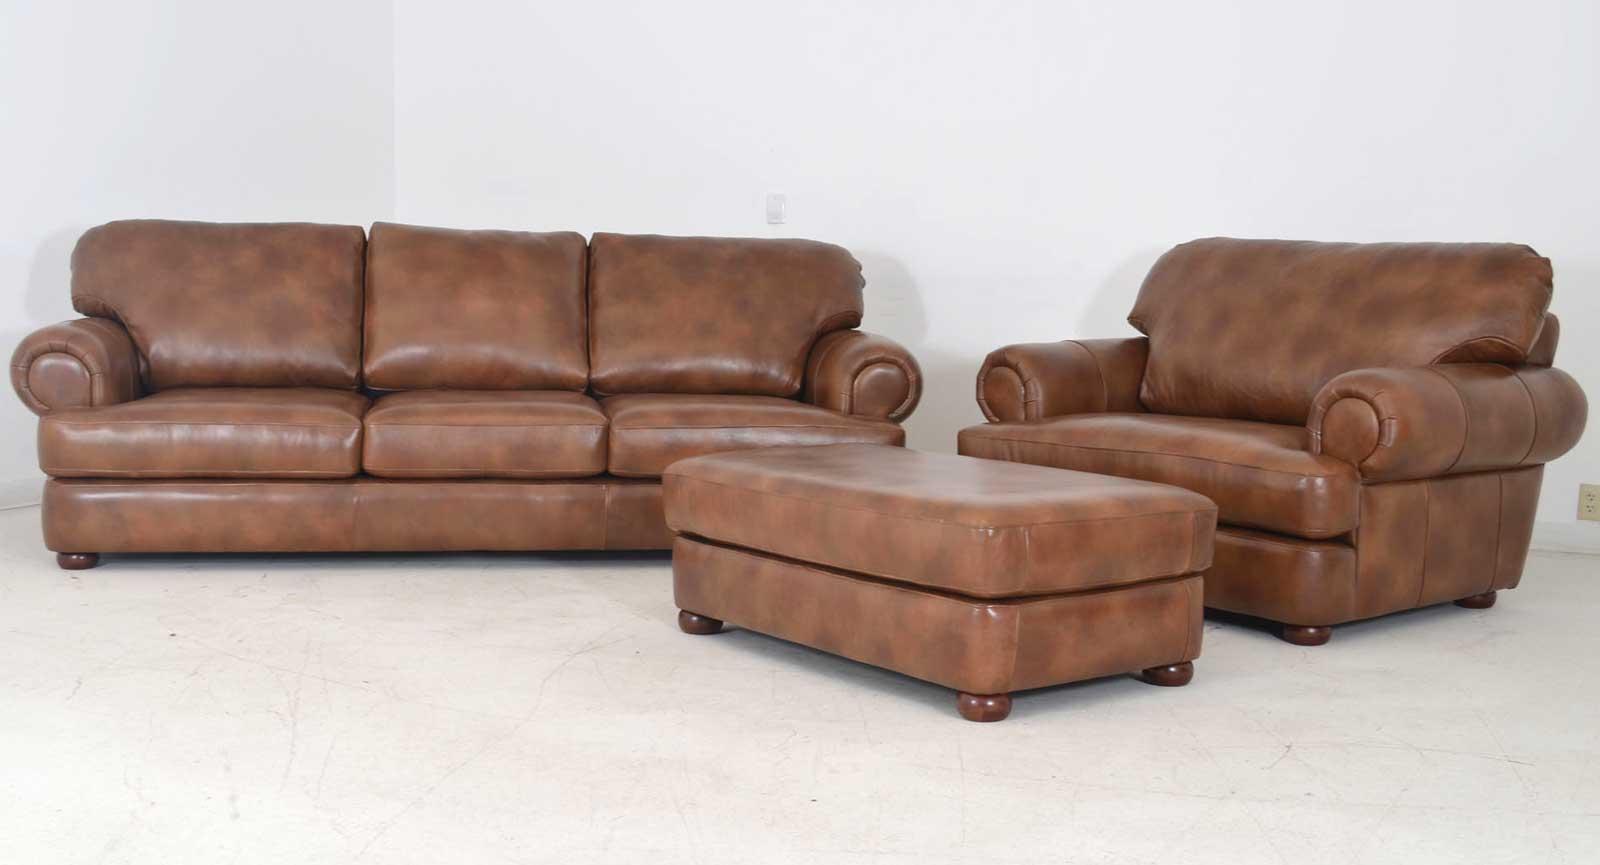 Sofa And Chair A Half TheSofa